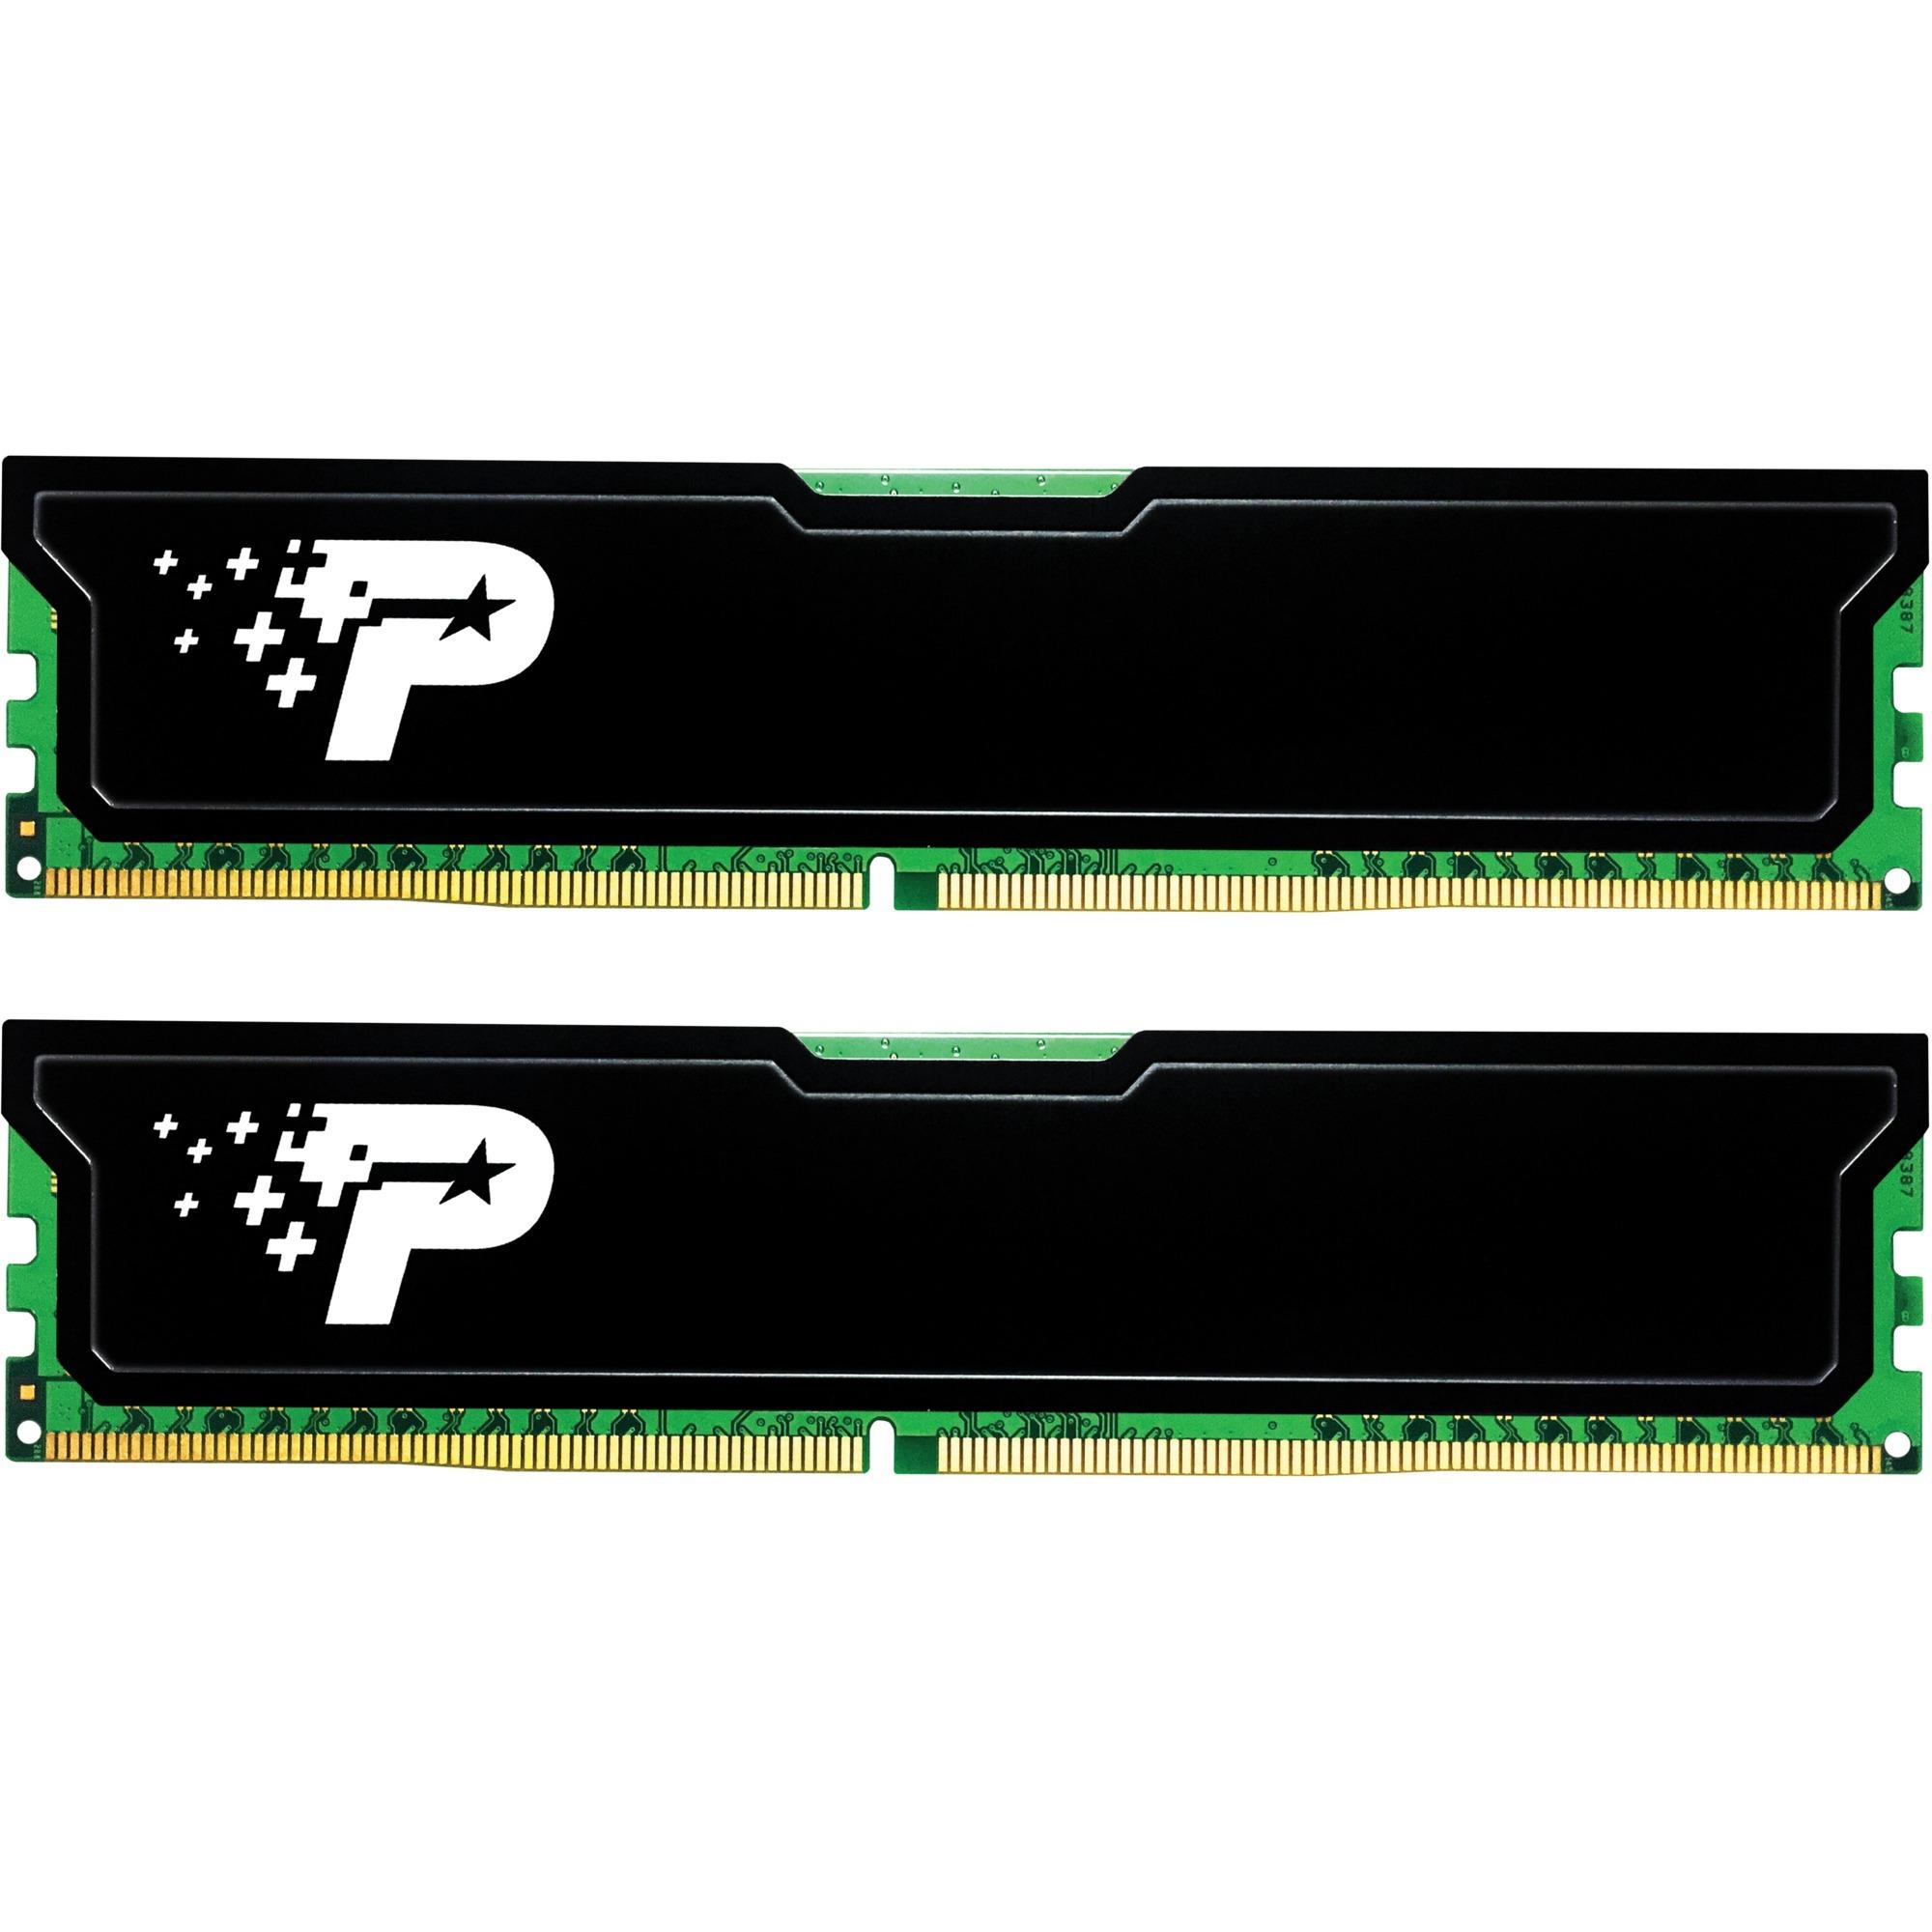 16GB DDR4 2400MHz 16GB DDR4 2400MHz módulo de memoria, Memoria RAM